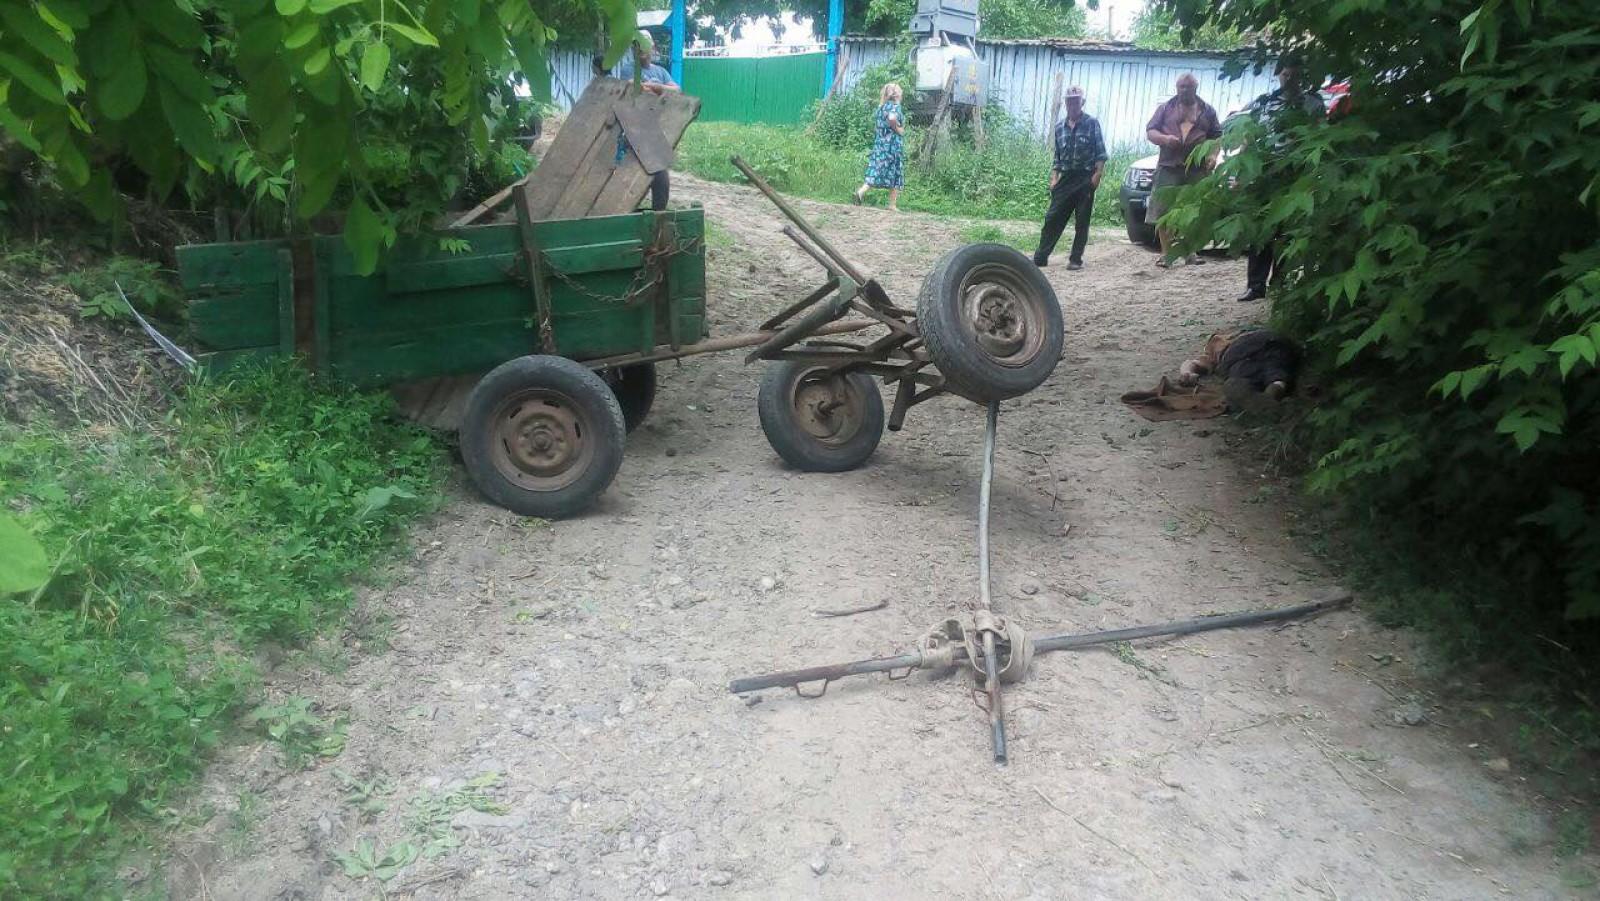 Житель Резины погиб на месте, после того как влетел на телеге в дерево